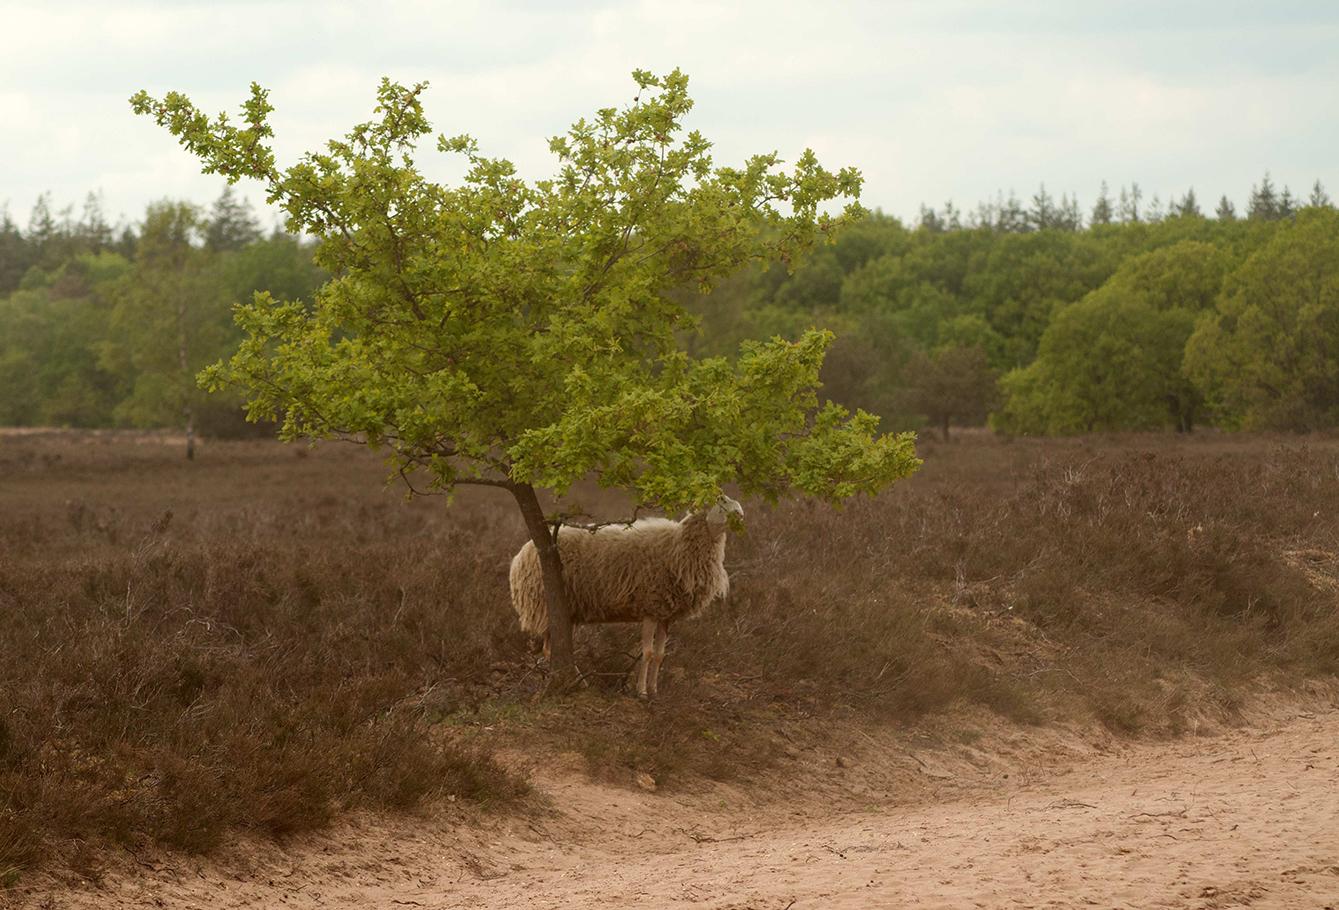 Nog een laatste achterblijver bij het eenzame boompje - Foto: ©Anja Arentzen